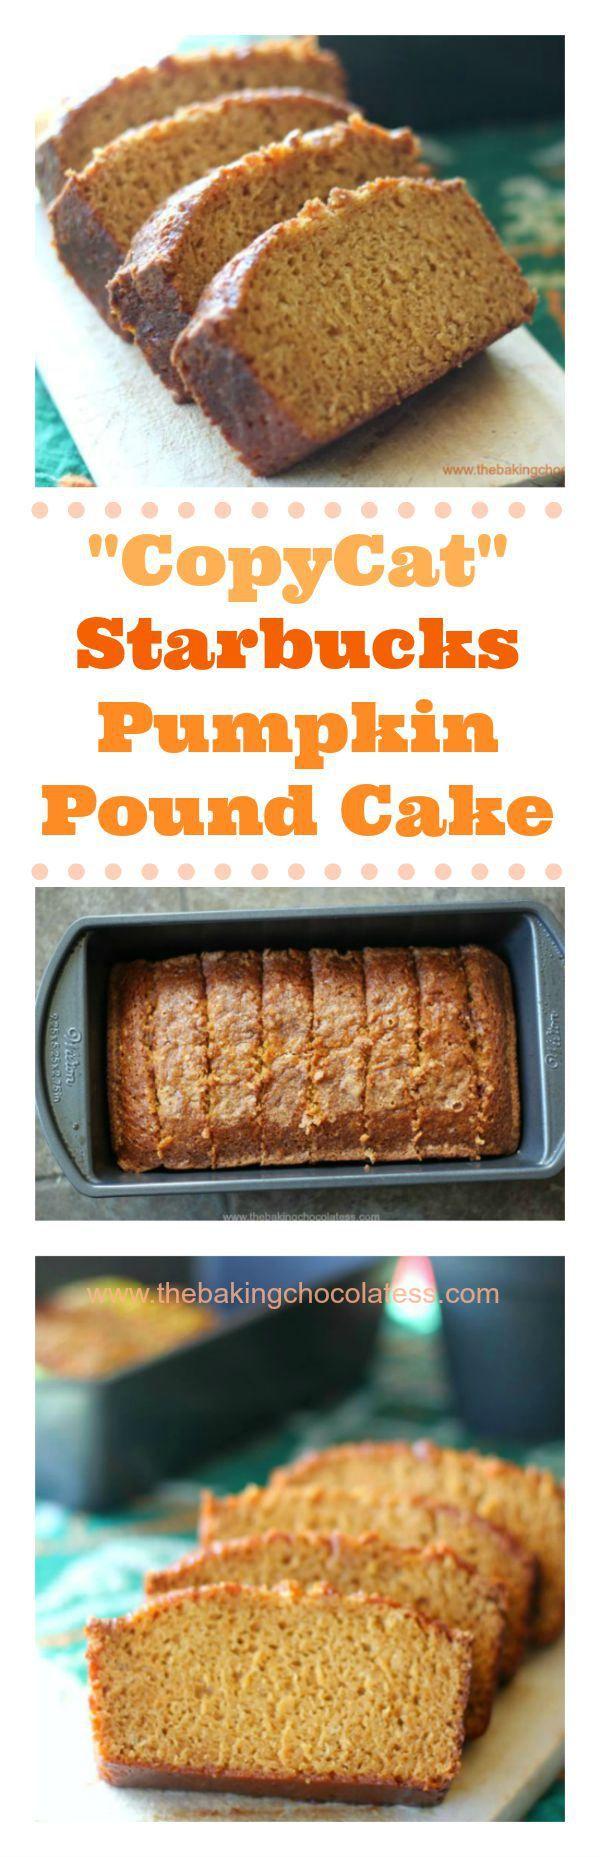 ... recipe pumpkin pound cake recipe pound cake recipes pumkin loaf